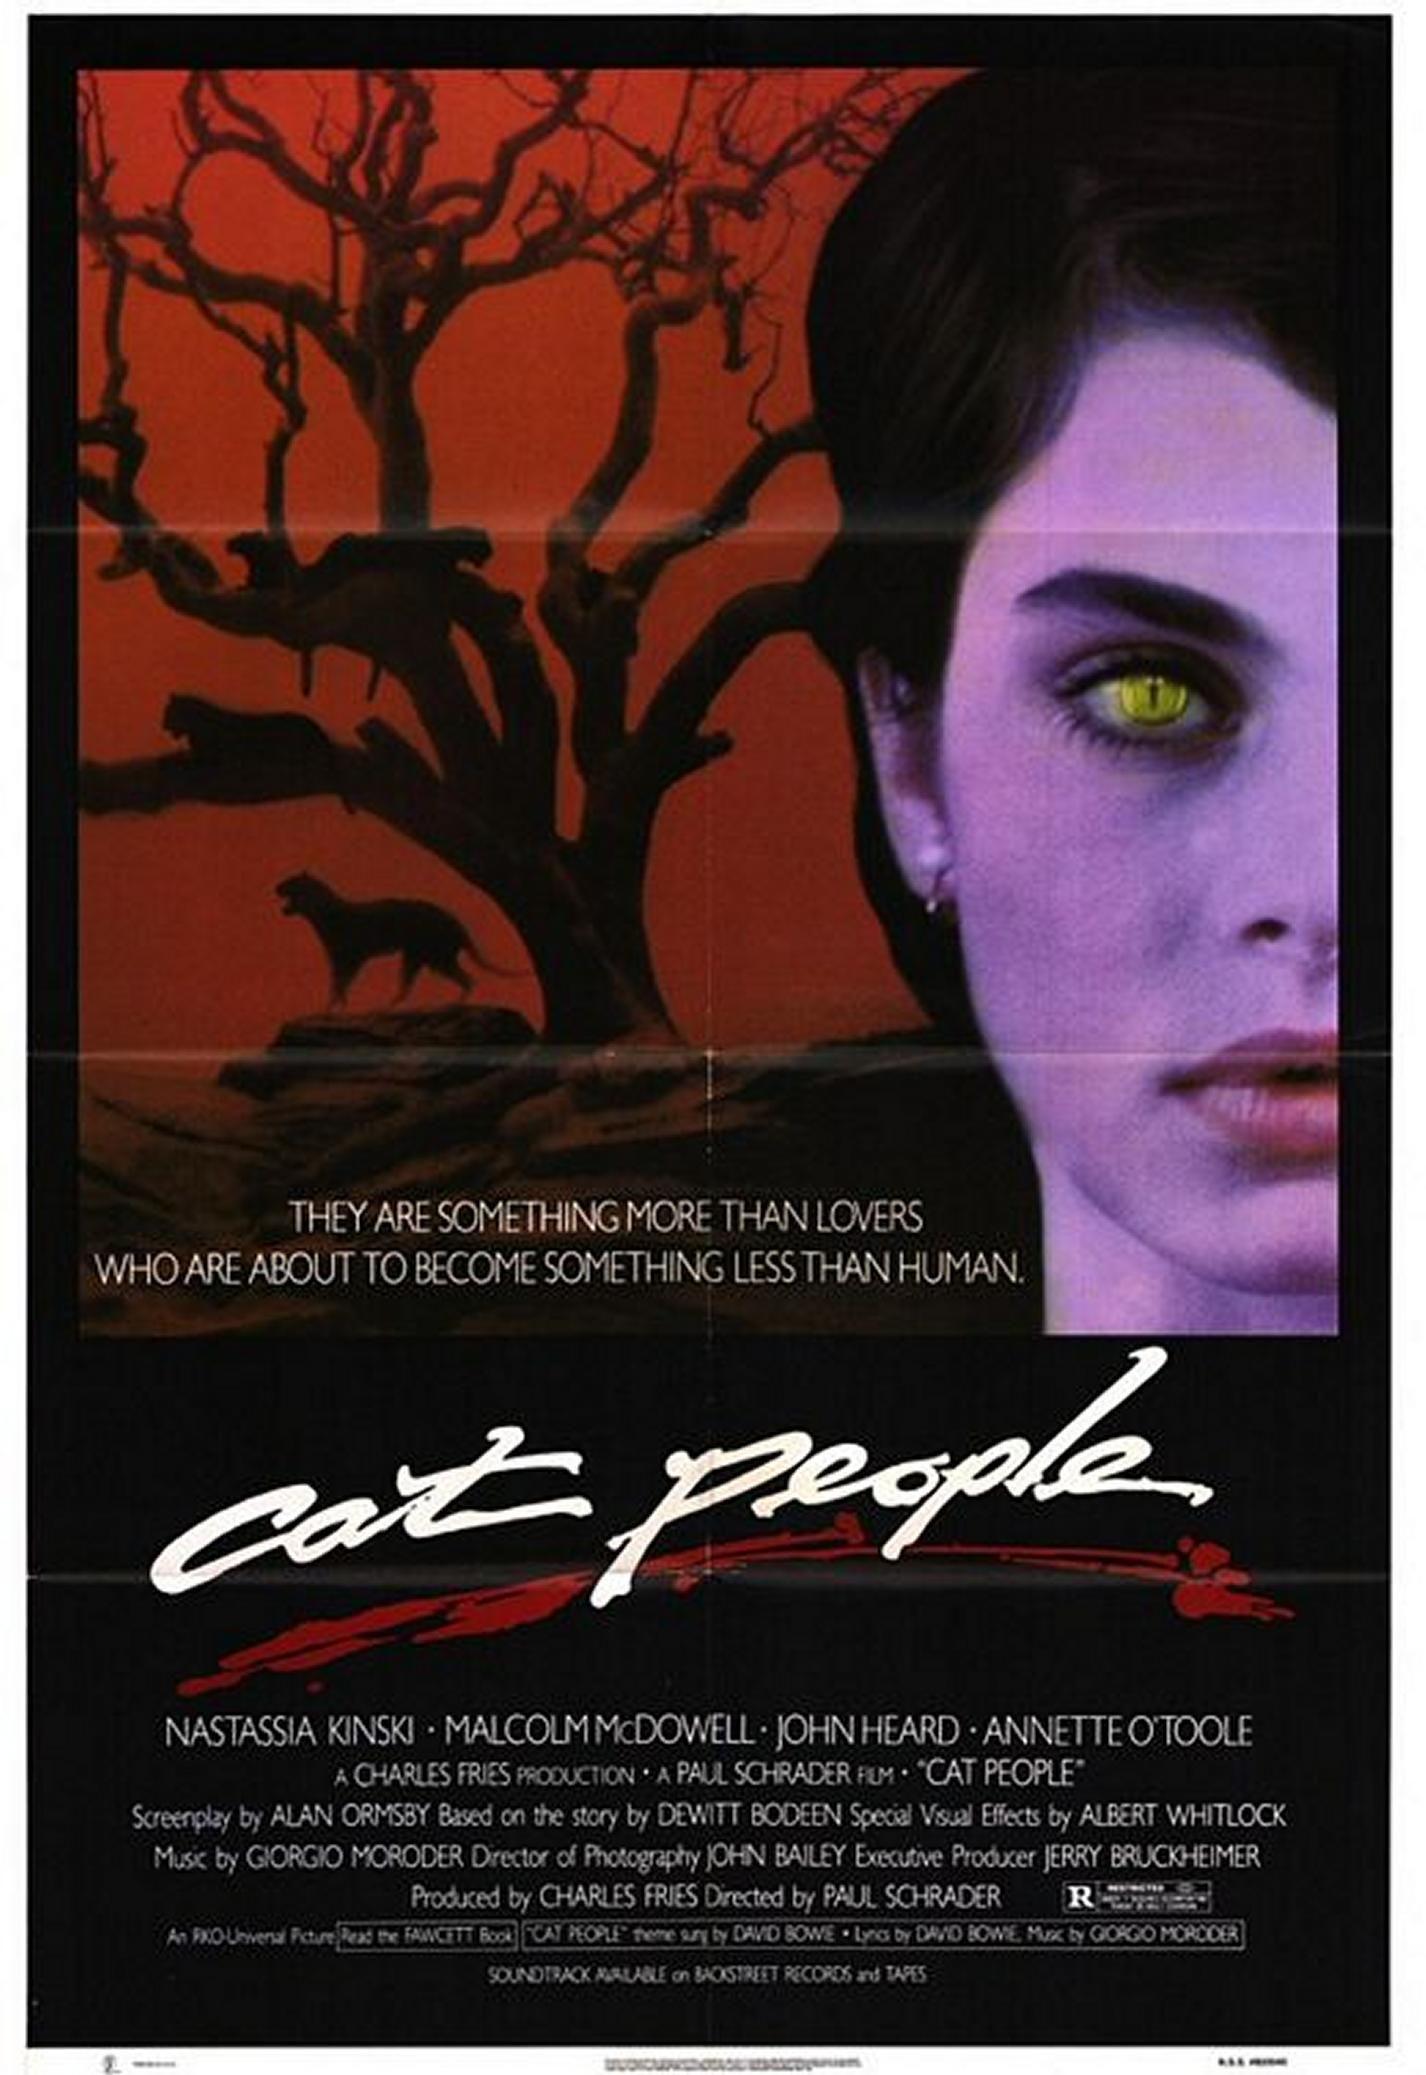 Cat People (1982) Brrip HEVC 1080p Latino-Eng